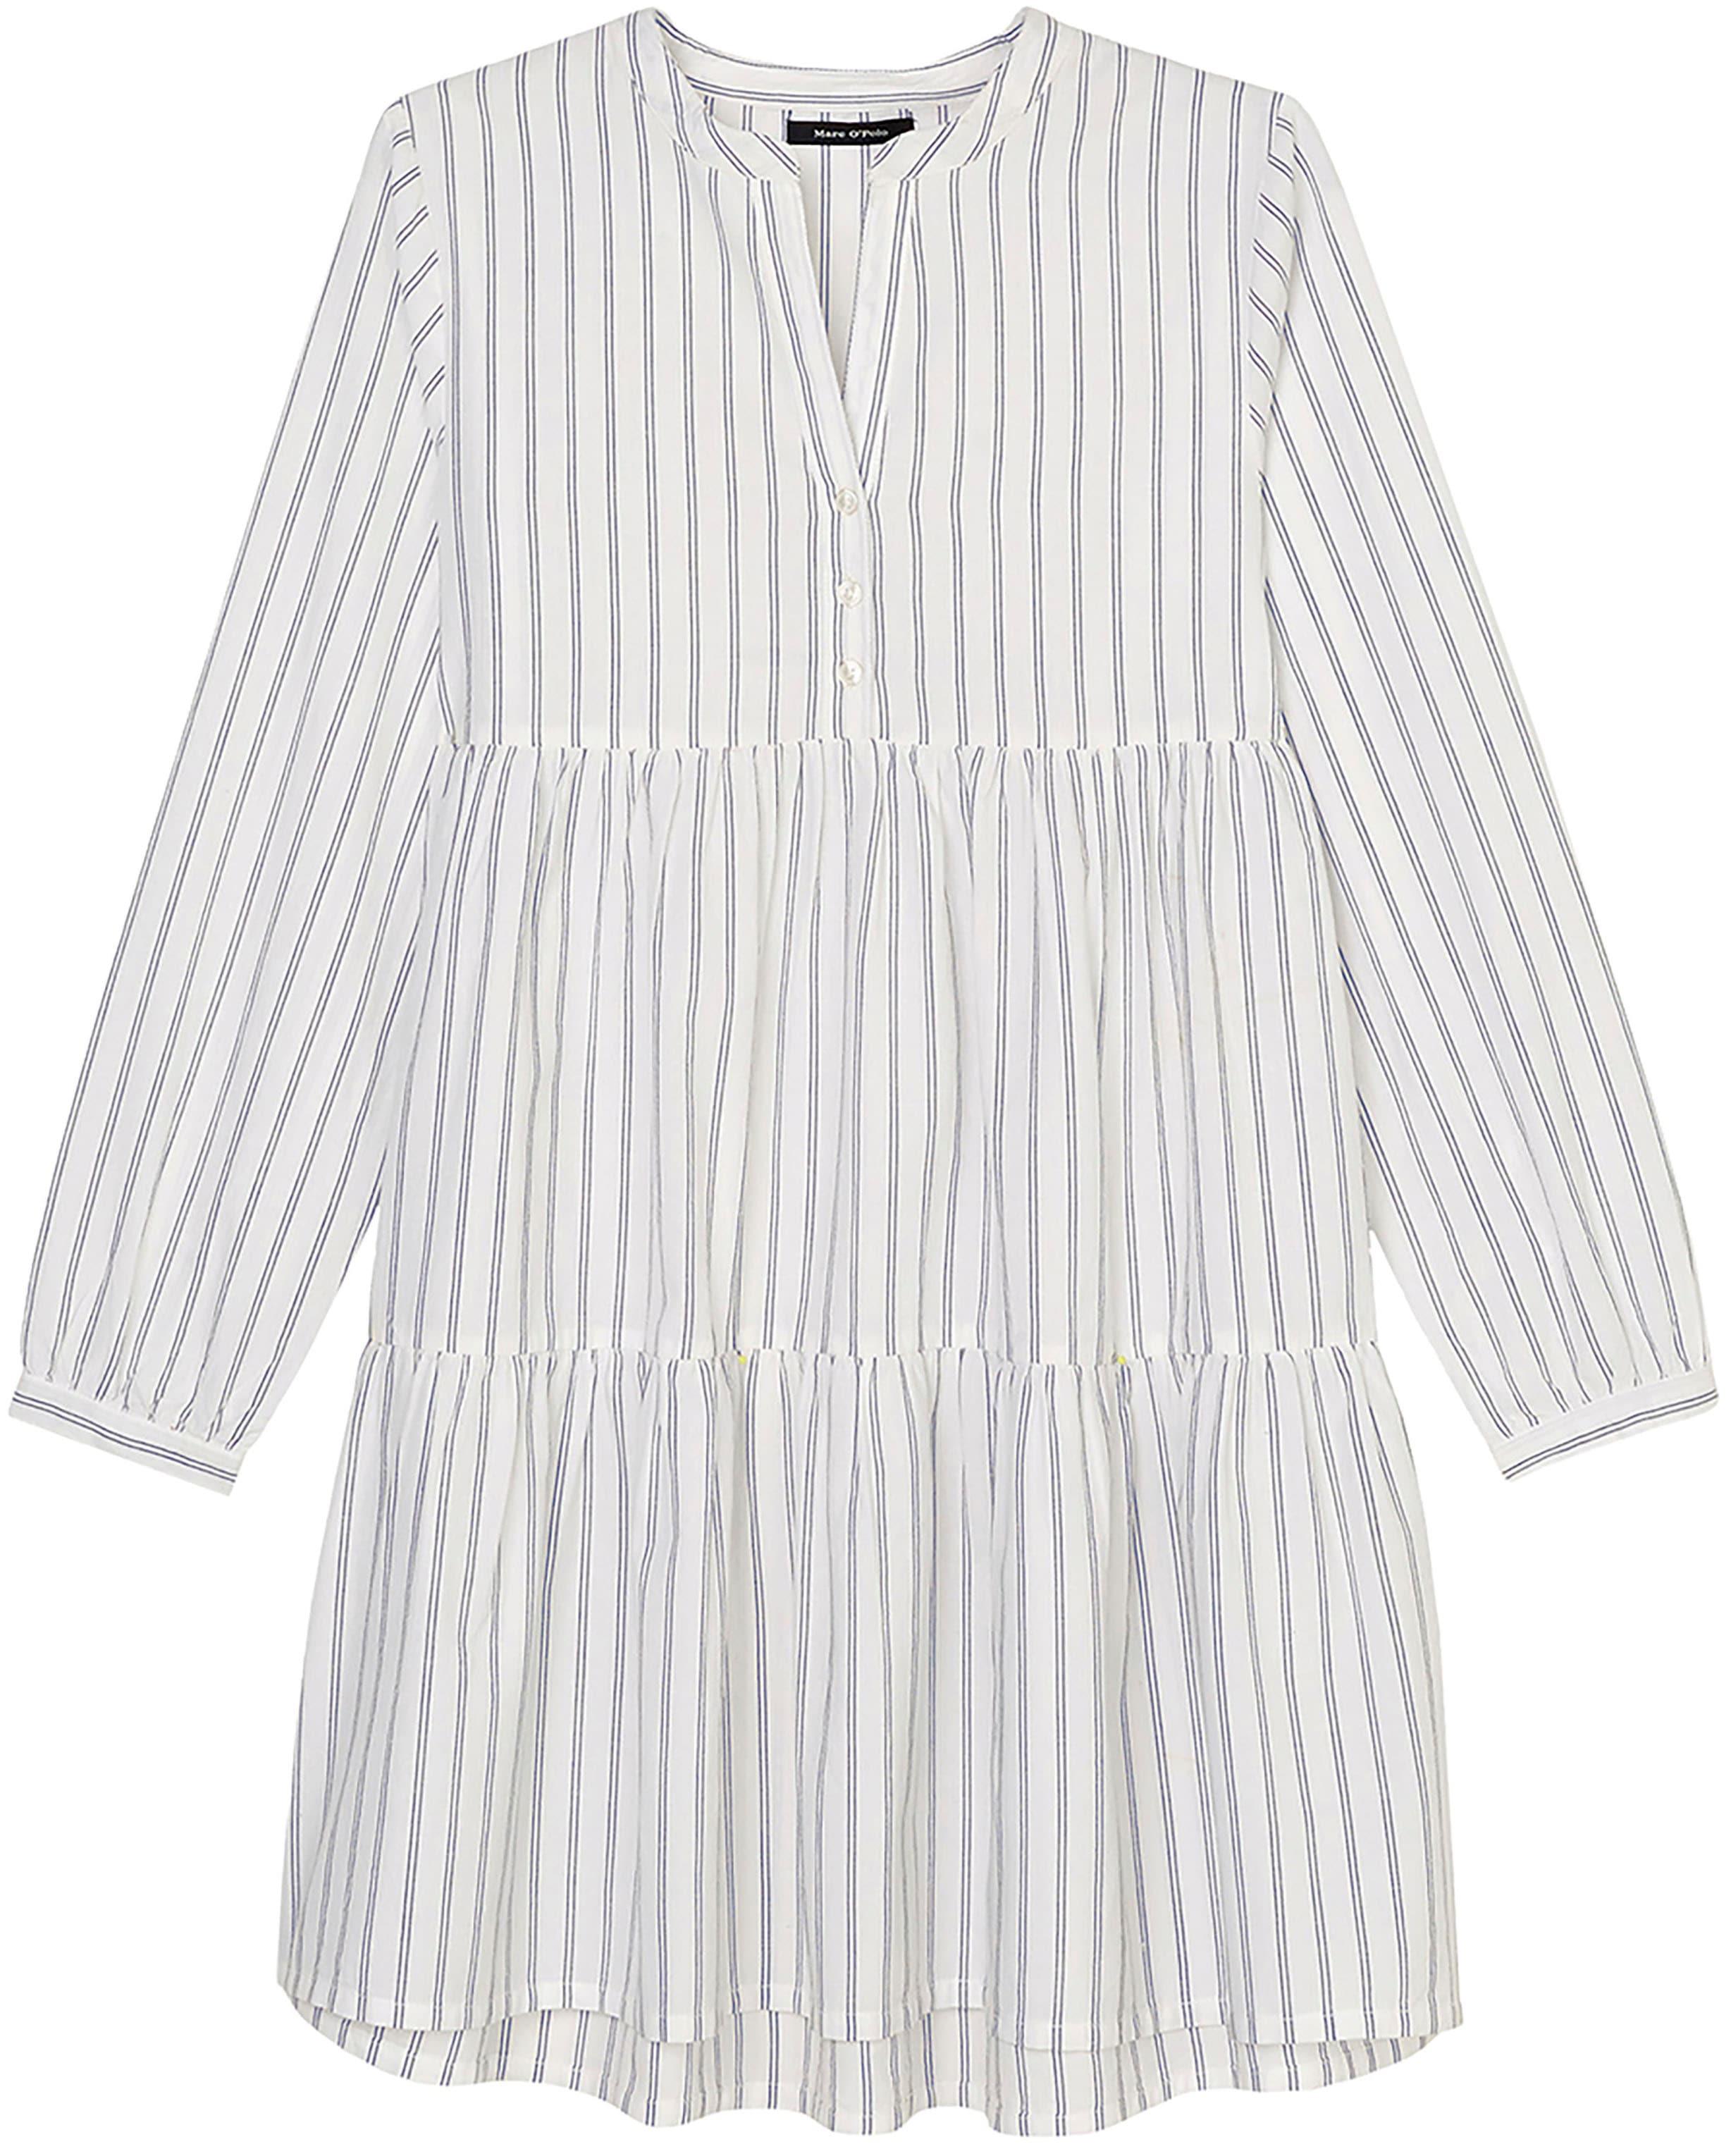 Marc O'Polo Junior Blusenkleid, mit Rüschen am Ärmel weiß Mädchen Festliche Blusen Mode Mädchenkleidung Blusenkleid